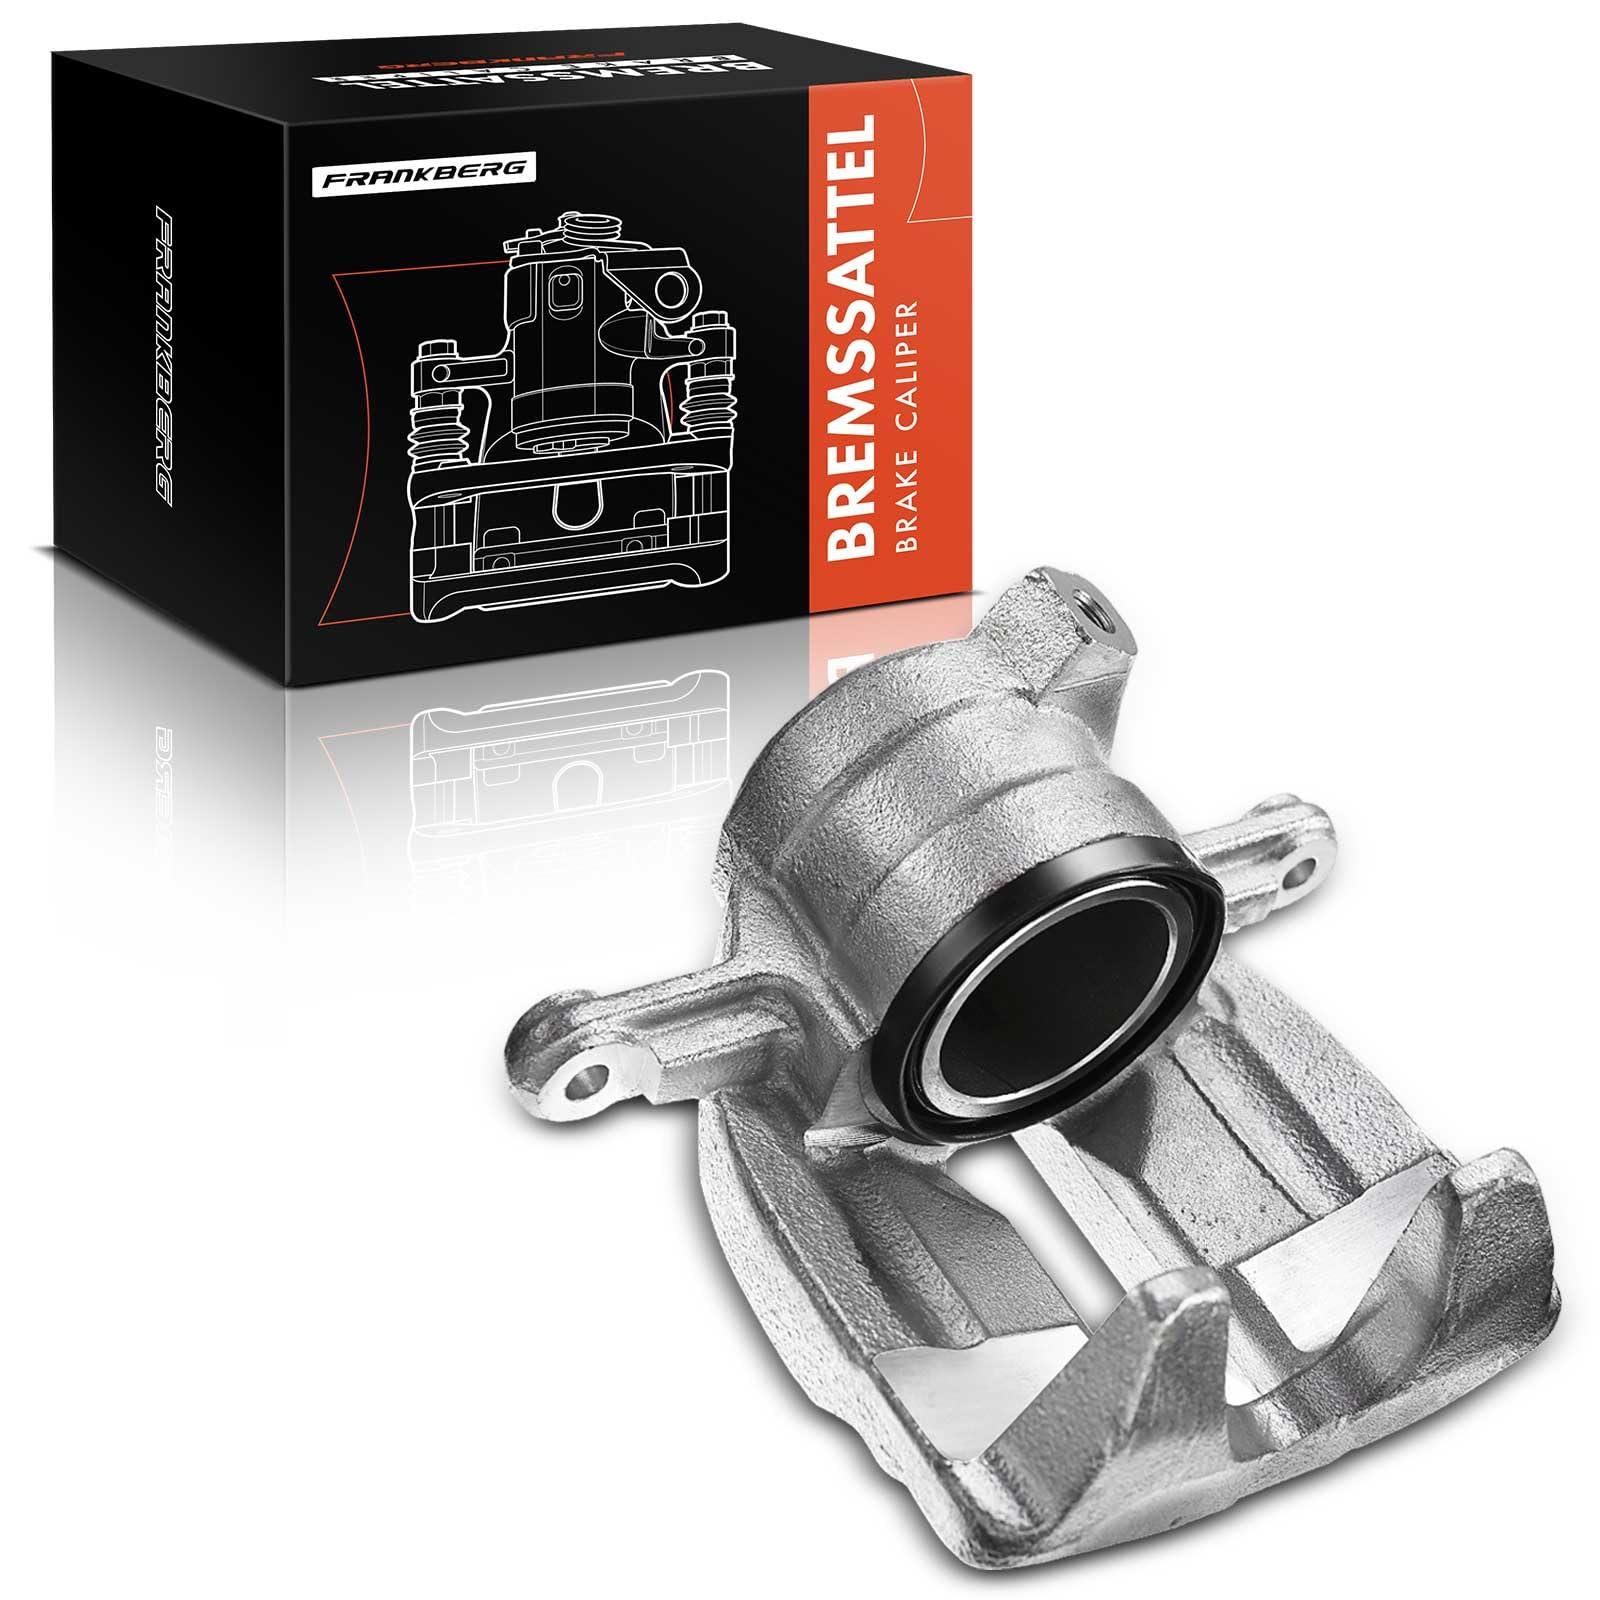 Bremssattel Bremszange Vorne Links für 1998-2009 Opel Astra G F67 F35/_ F70 F69/_